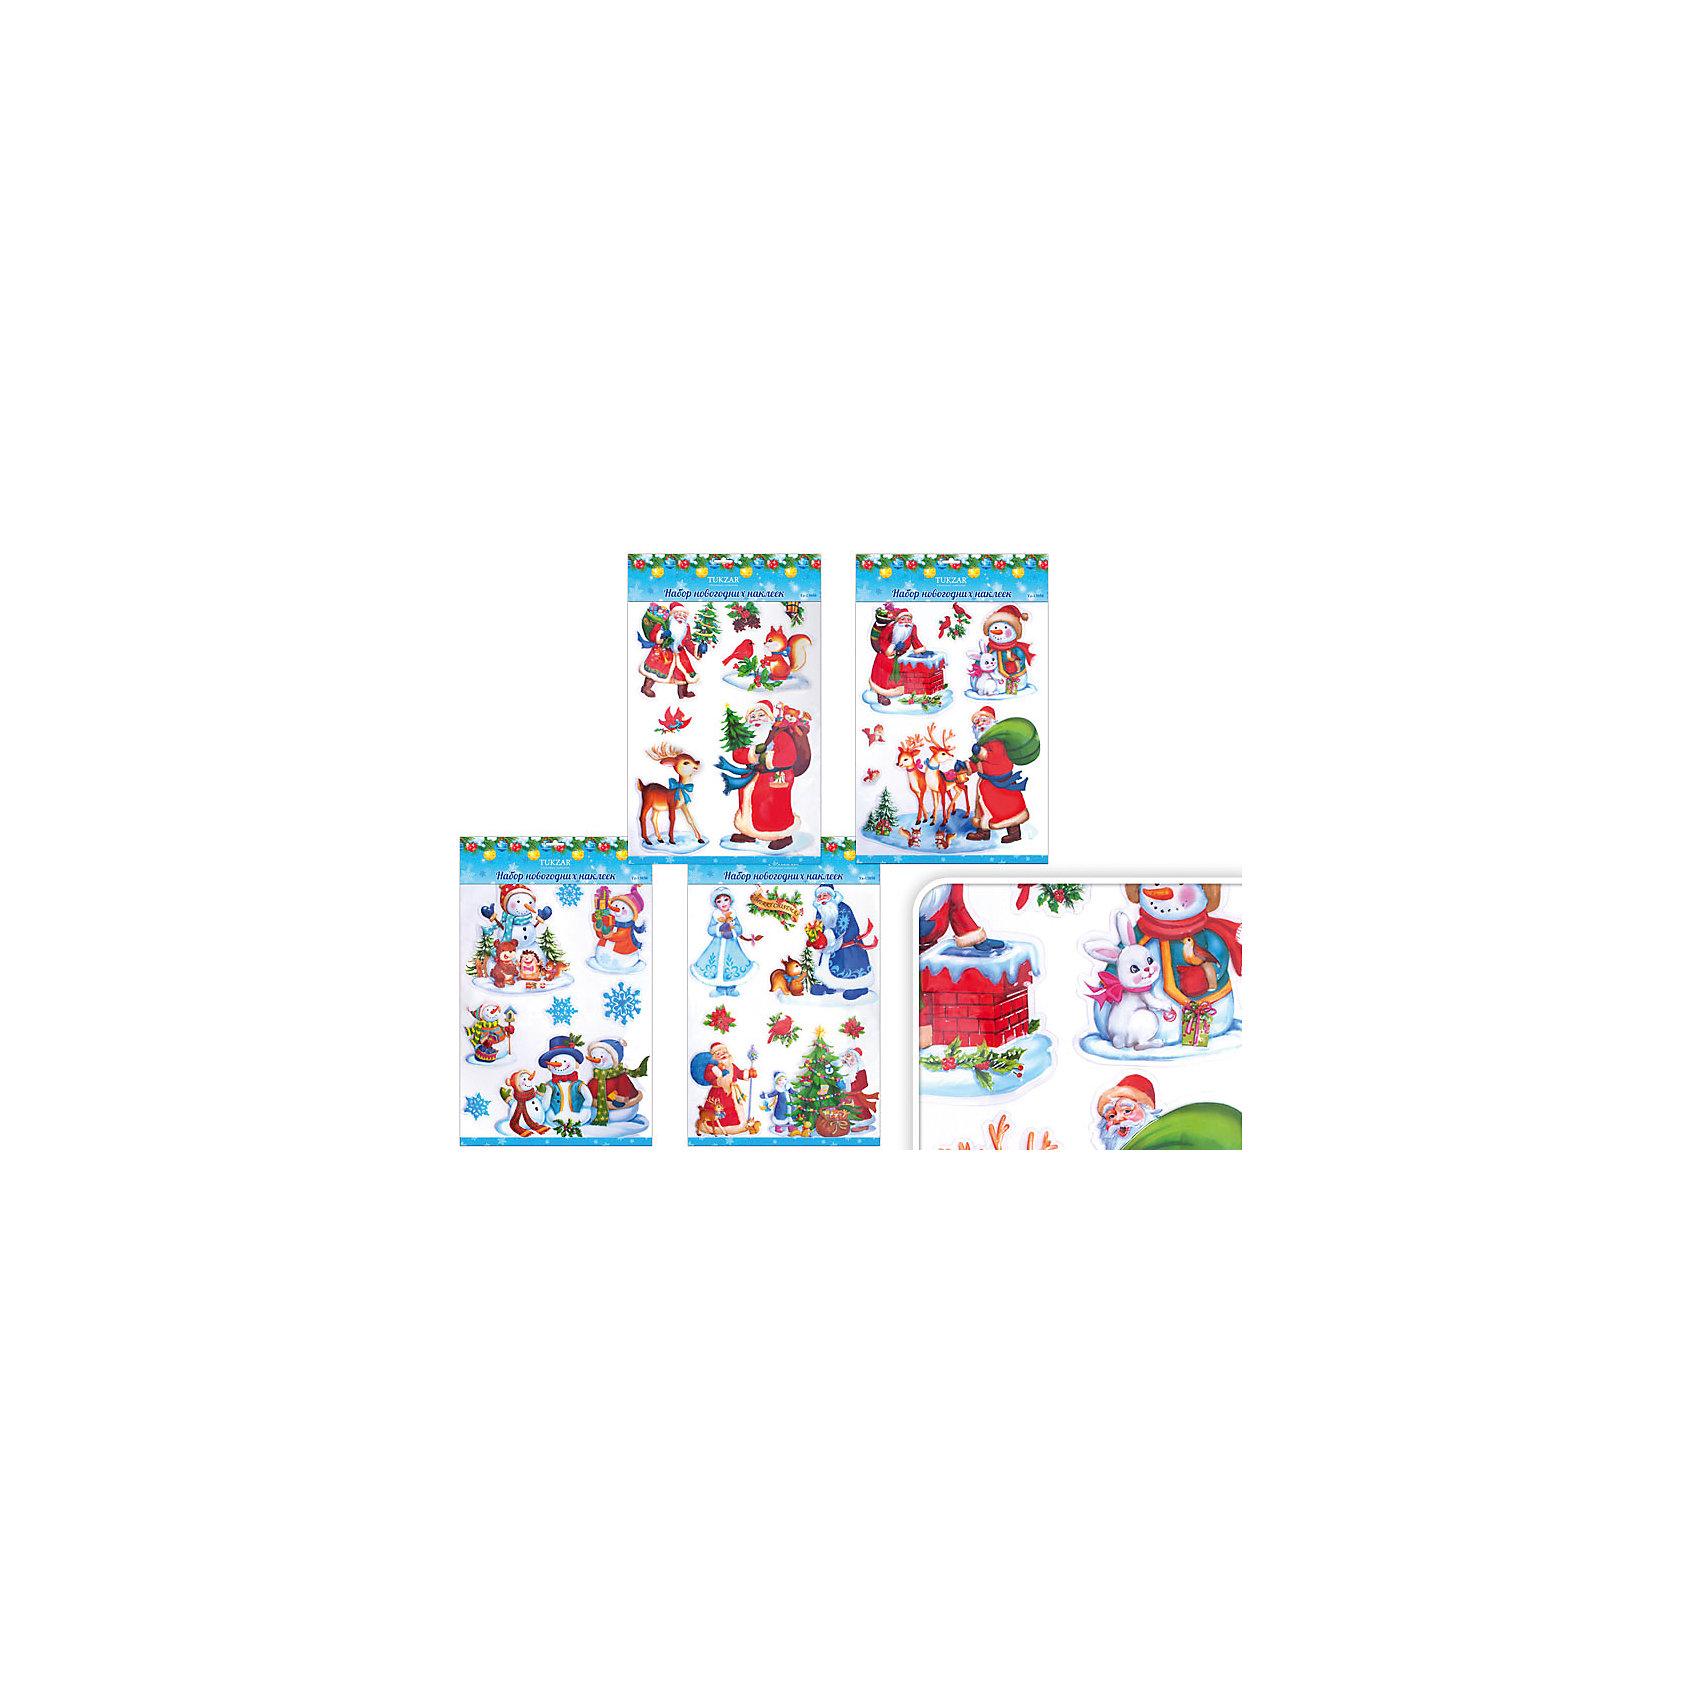 Набор объемных наклеек 30*42 см, в ассортиментеНовинки Новый Год<br>Новогодние наклейки станут прекрасным праздничным сувениром. Кроме того, стикеры можно использовать для оформления открыток, альбомов и поделок. Яркие наклейки обязательно порадуют детей. <br><br>Дополнительная информация:<br><br>- Размер: 30х42 см.<br>- Материал: бумага.<br>- Объёмные наклейки.<br>- 4 вида в ассортименте. <br>ВНИМАНИЕ! Данный артикул представлен в разных вариантах исполнения. К сожалению, заранее выбрать определенный вариант невозможно. При заказе нескольких наборов наклеек возможно получение одинаковых.<br><br>Набор объемных наклеек 30х42 см, в ассортименте, можно купить в нашем магазине.<br><br>Ширина мм: 300<br>Глубина мм: 420<br>Высота мм: 10<br>Вес г: 100<br>Возраст от месяцев: 36<br>Возраст до месяцев: 2147483647<br>Пол: Унисекс<br>Возраст: Детский<br>SKU: 4293028